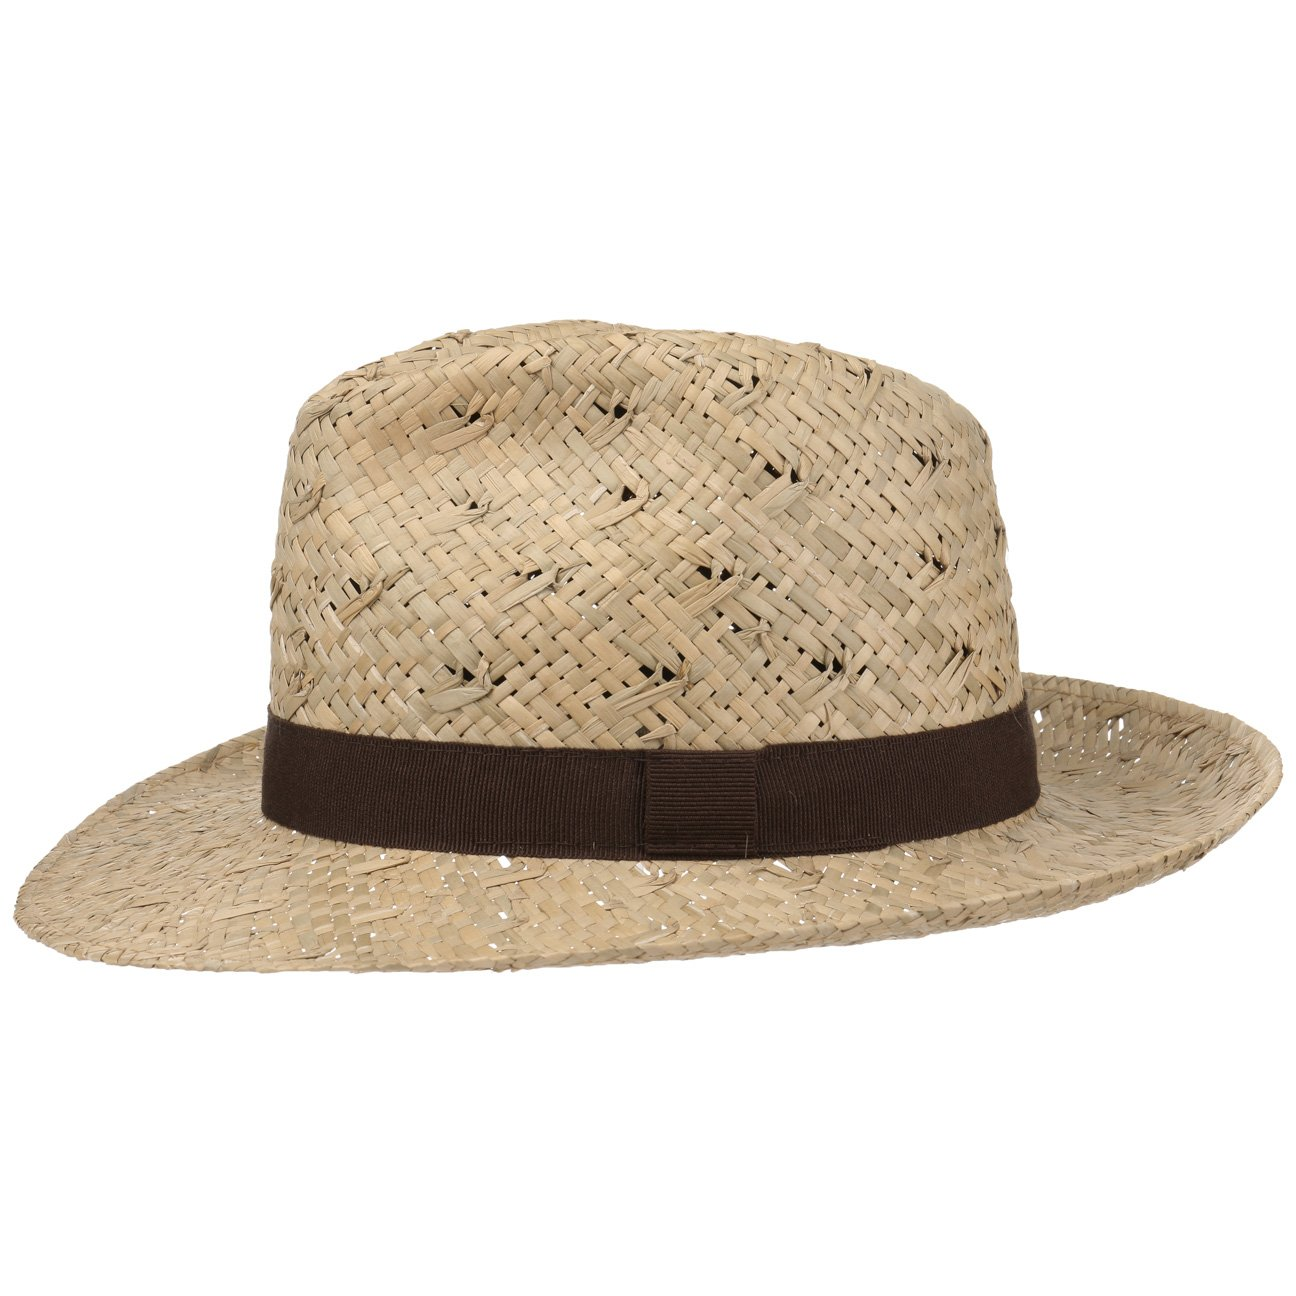 Lipodo Classic Bogart Strohhut Strandhut Hut Sommerhut Sonnenhut Fedora Strohfedora für Damen und Herren mit Ripsband Frühjahr Sommer